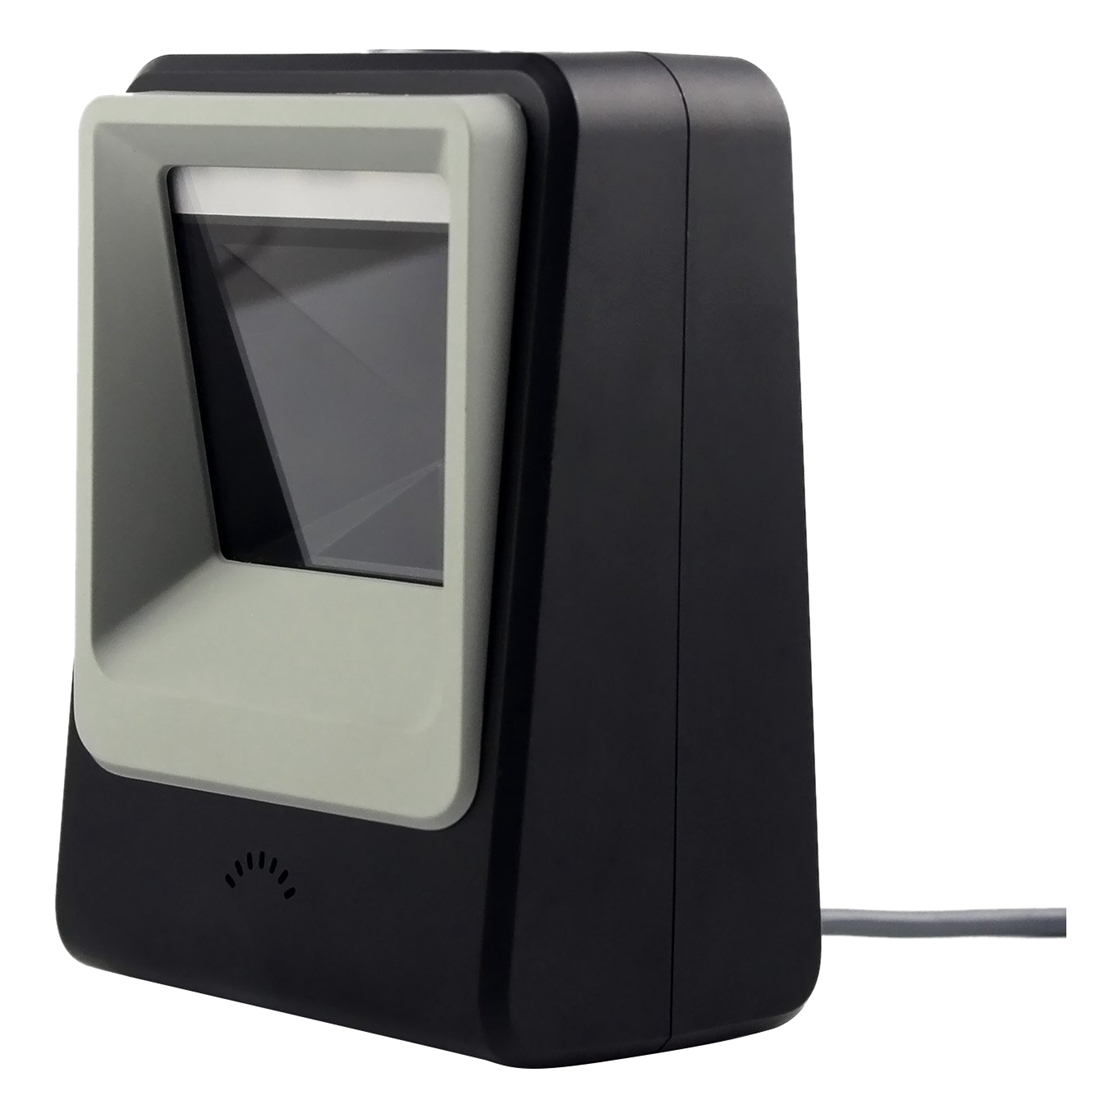 Ppyy новый-проводной Hands-Free 1D 2D usb ccd сканер штрих-кода для Мобильных Платежей компьютер Экран сканирования